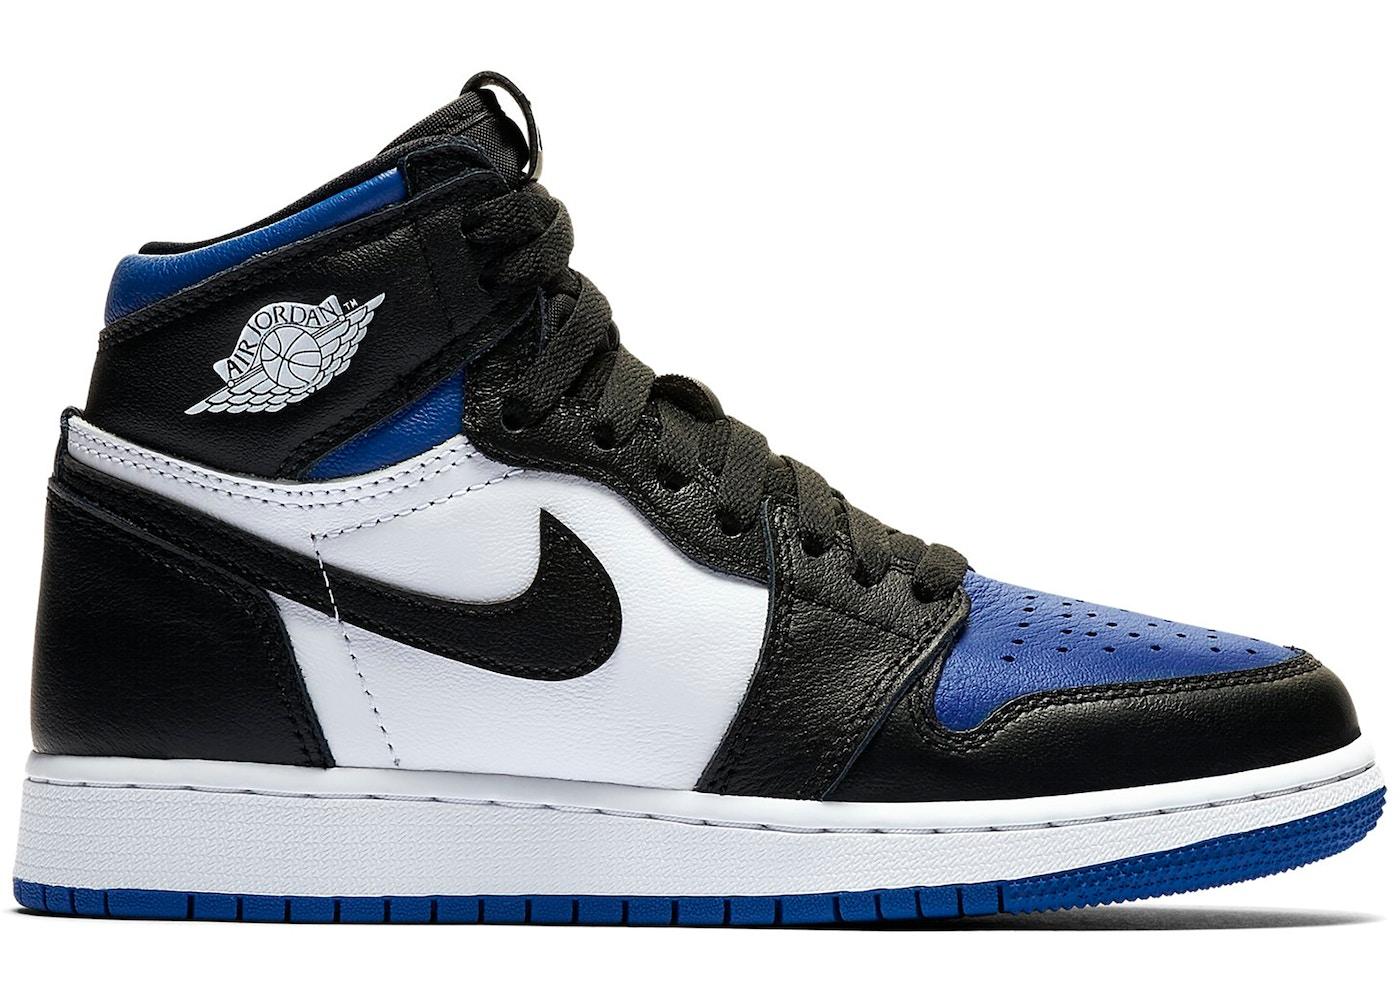 Jordan 1 Retro High Royal Toe Gs 575441 041